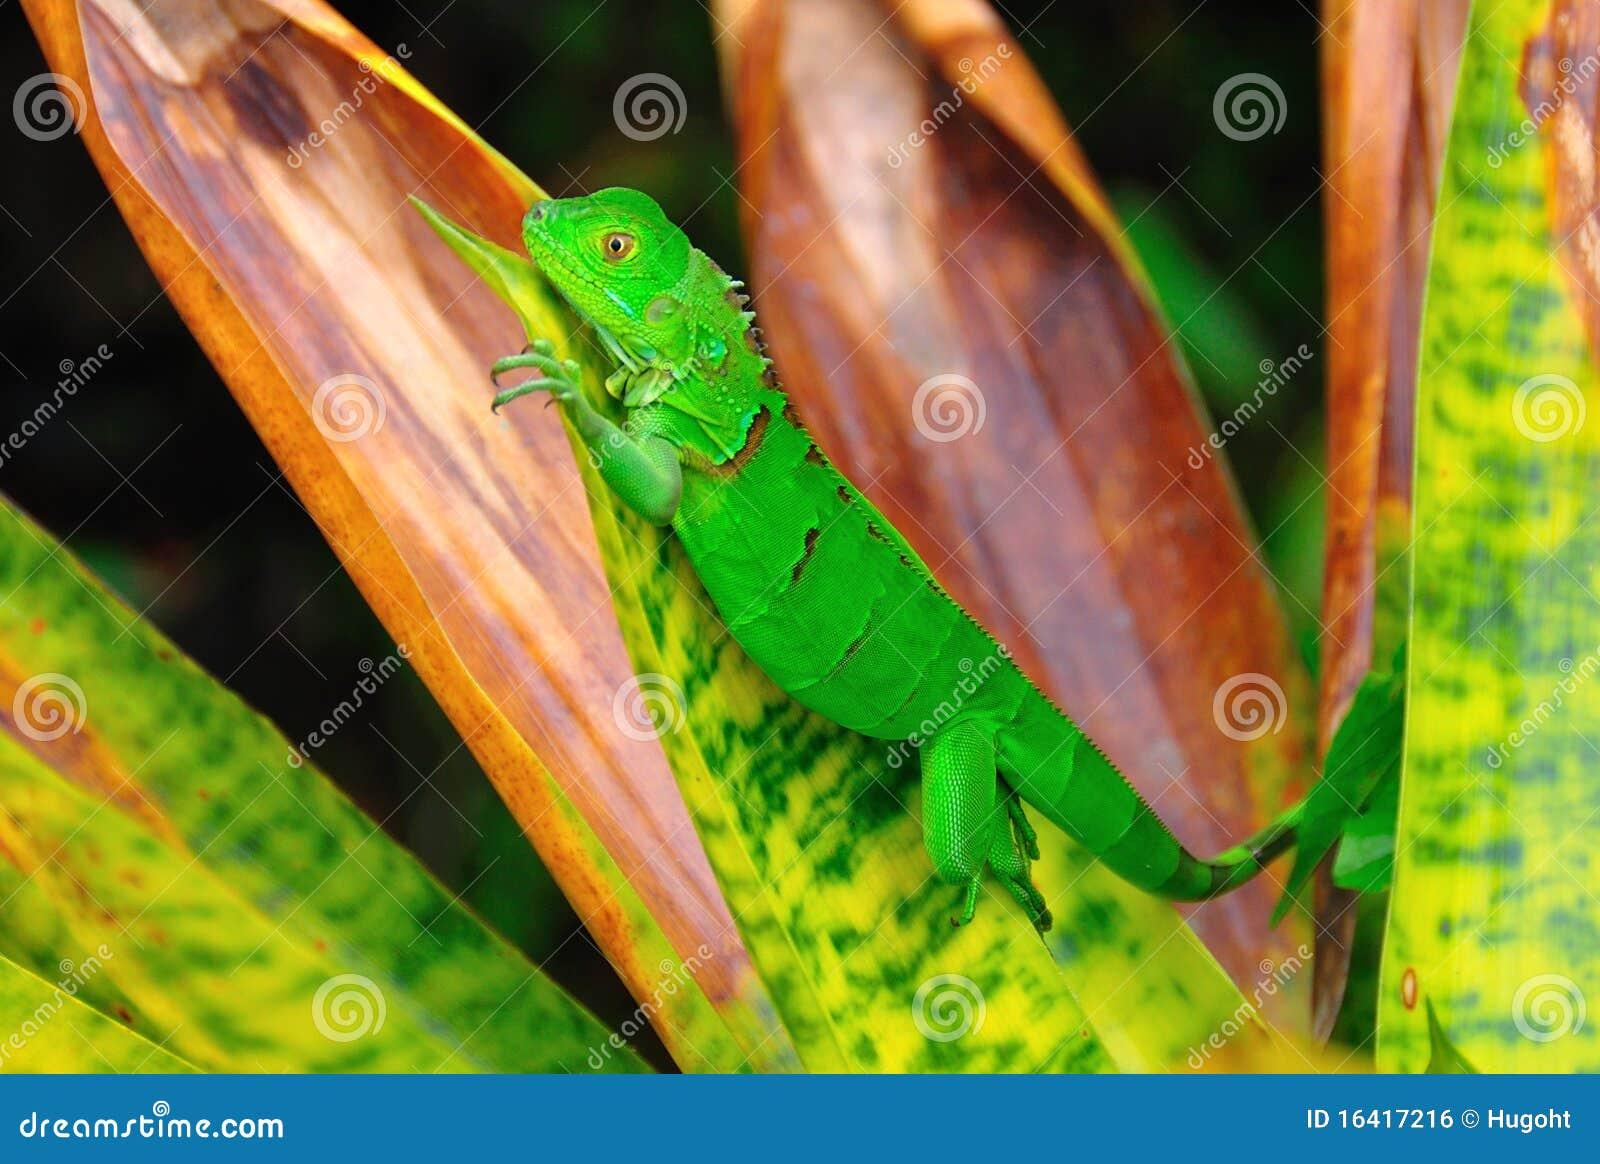 Grön leguanrica för costa